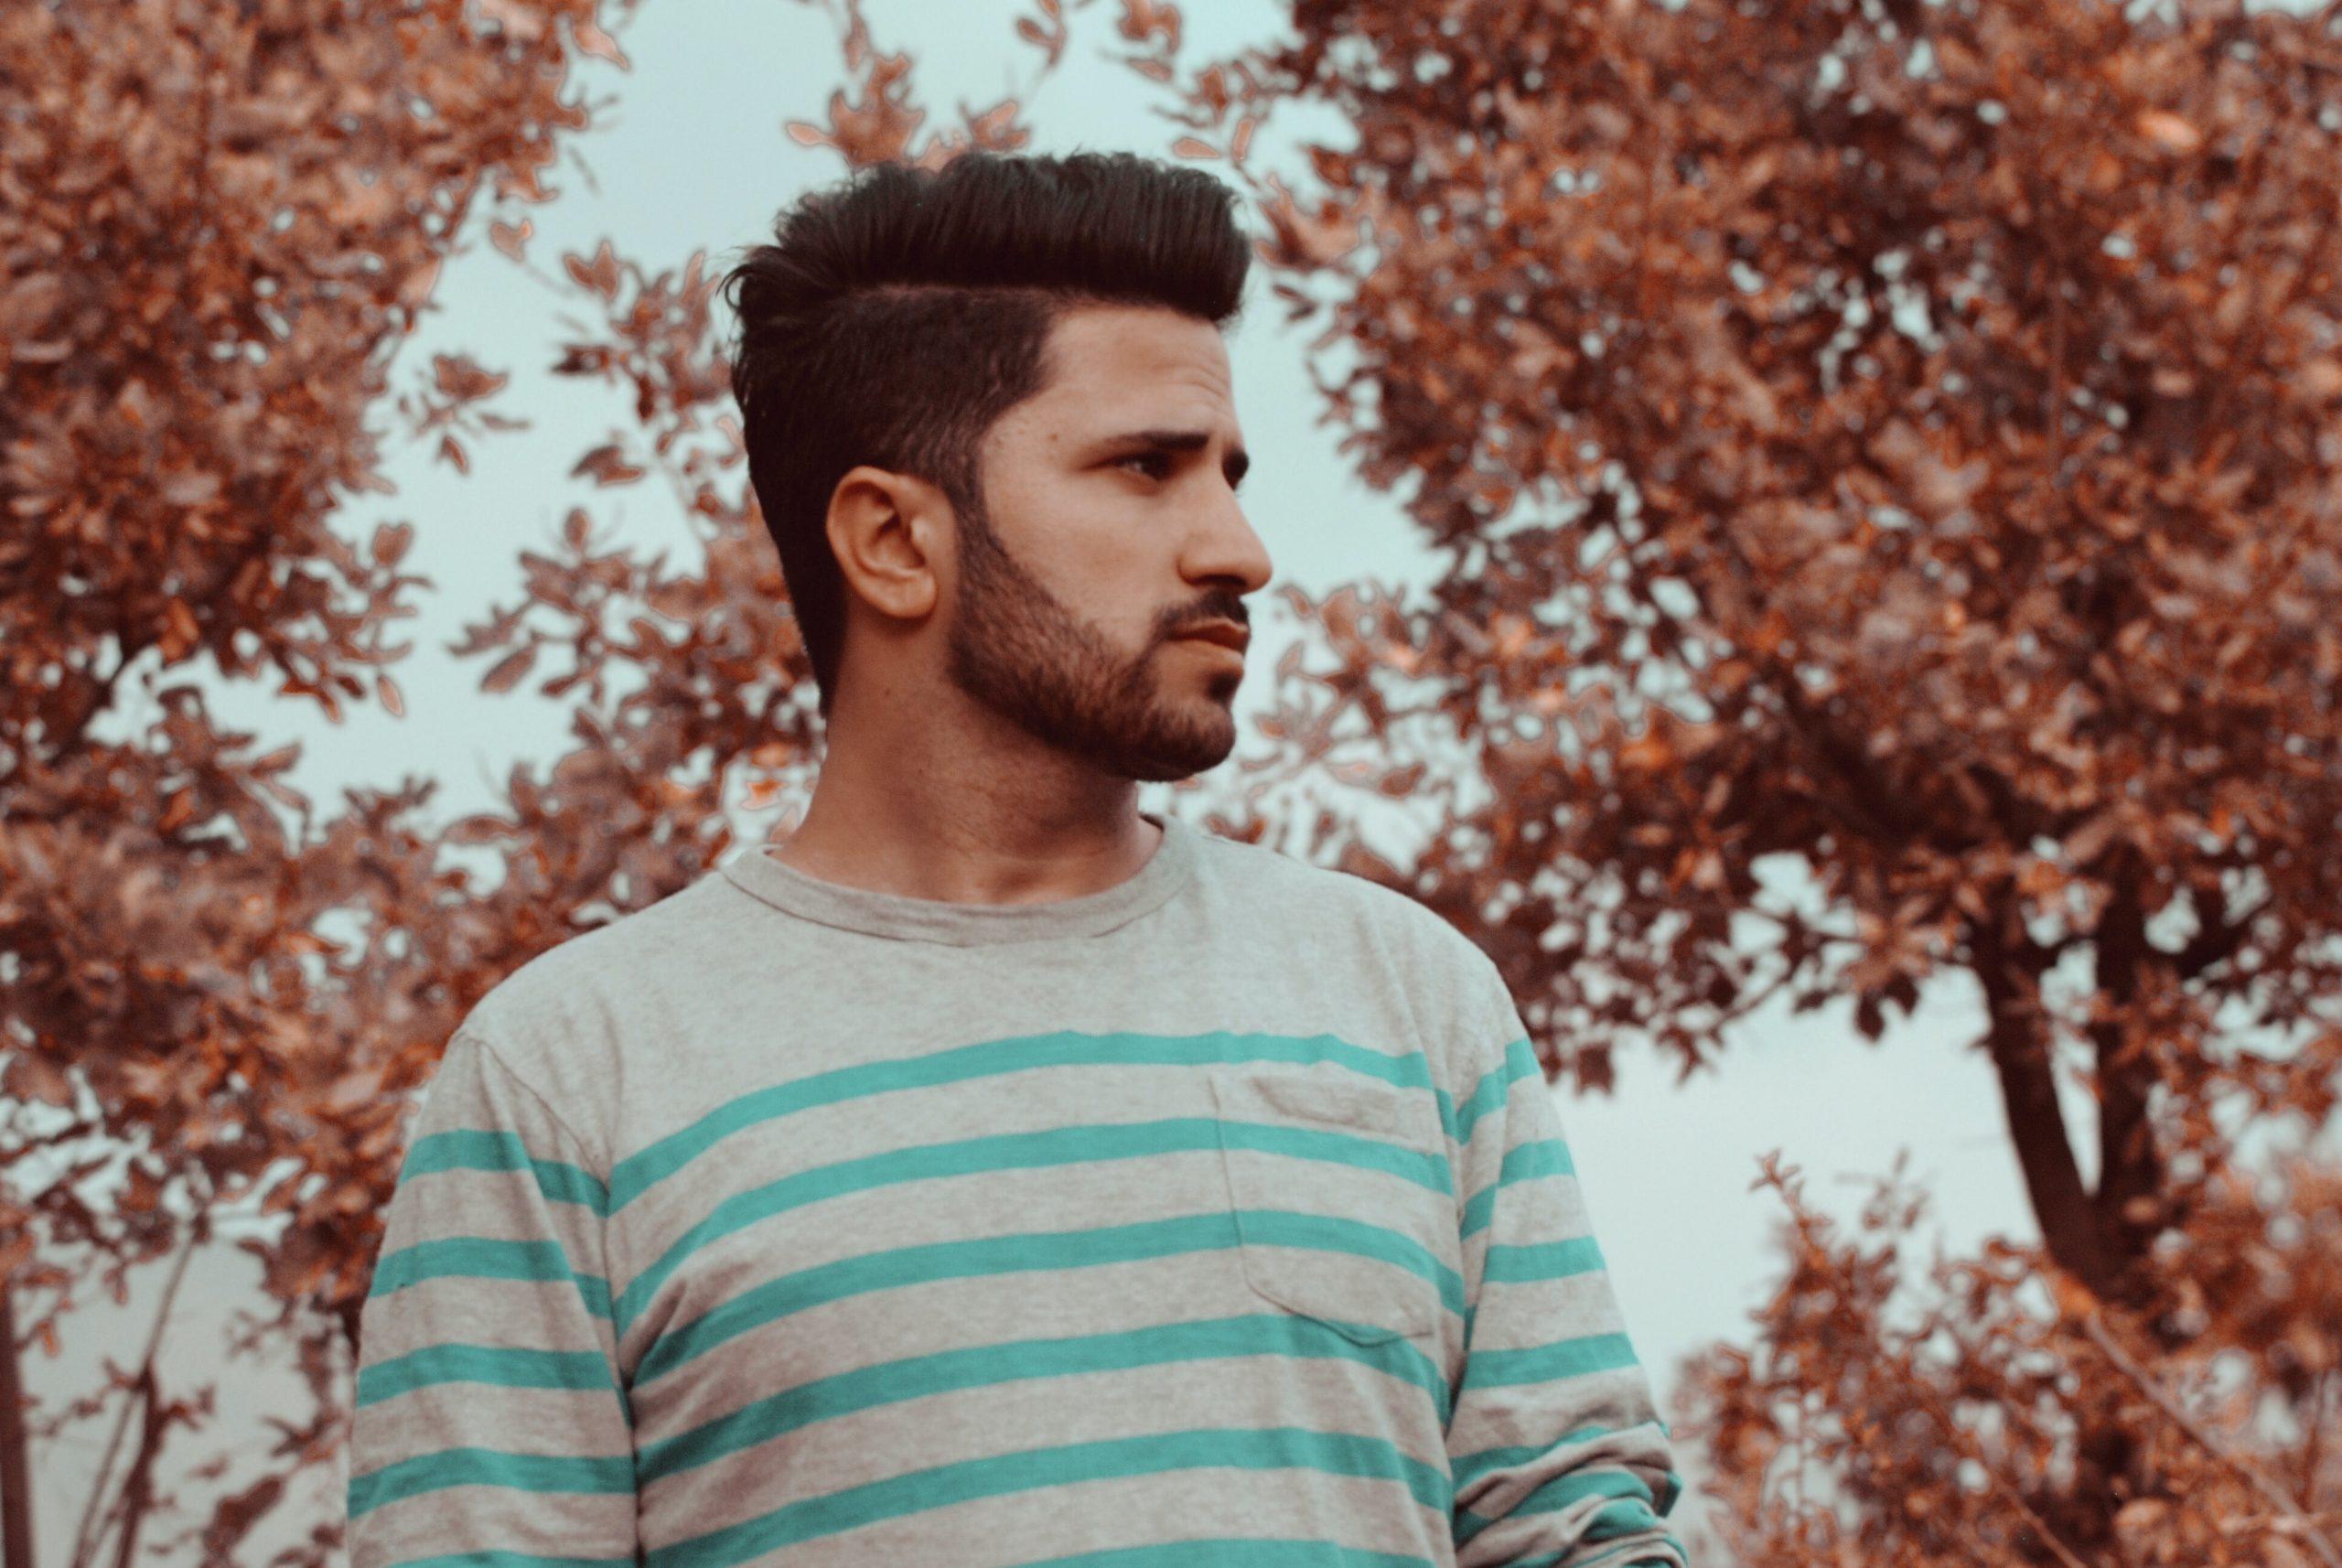 Detalhe de homem com barba.